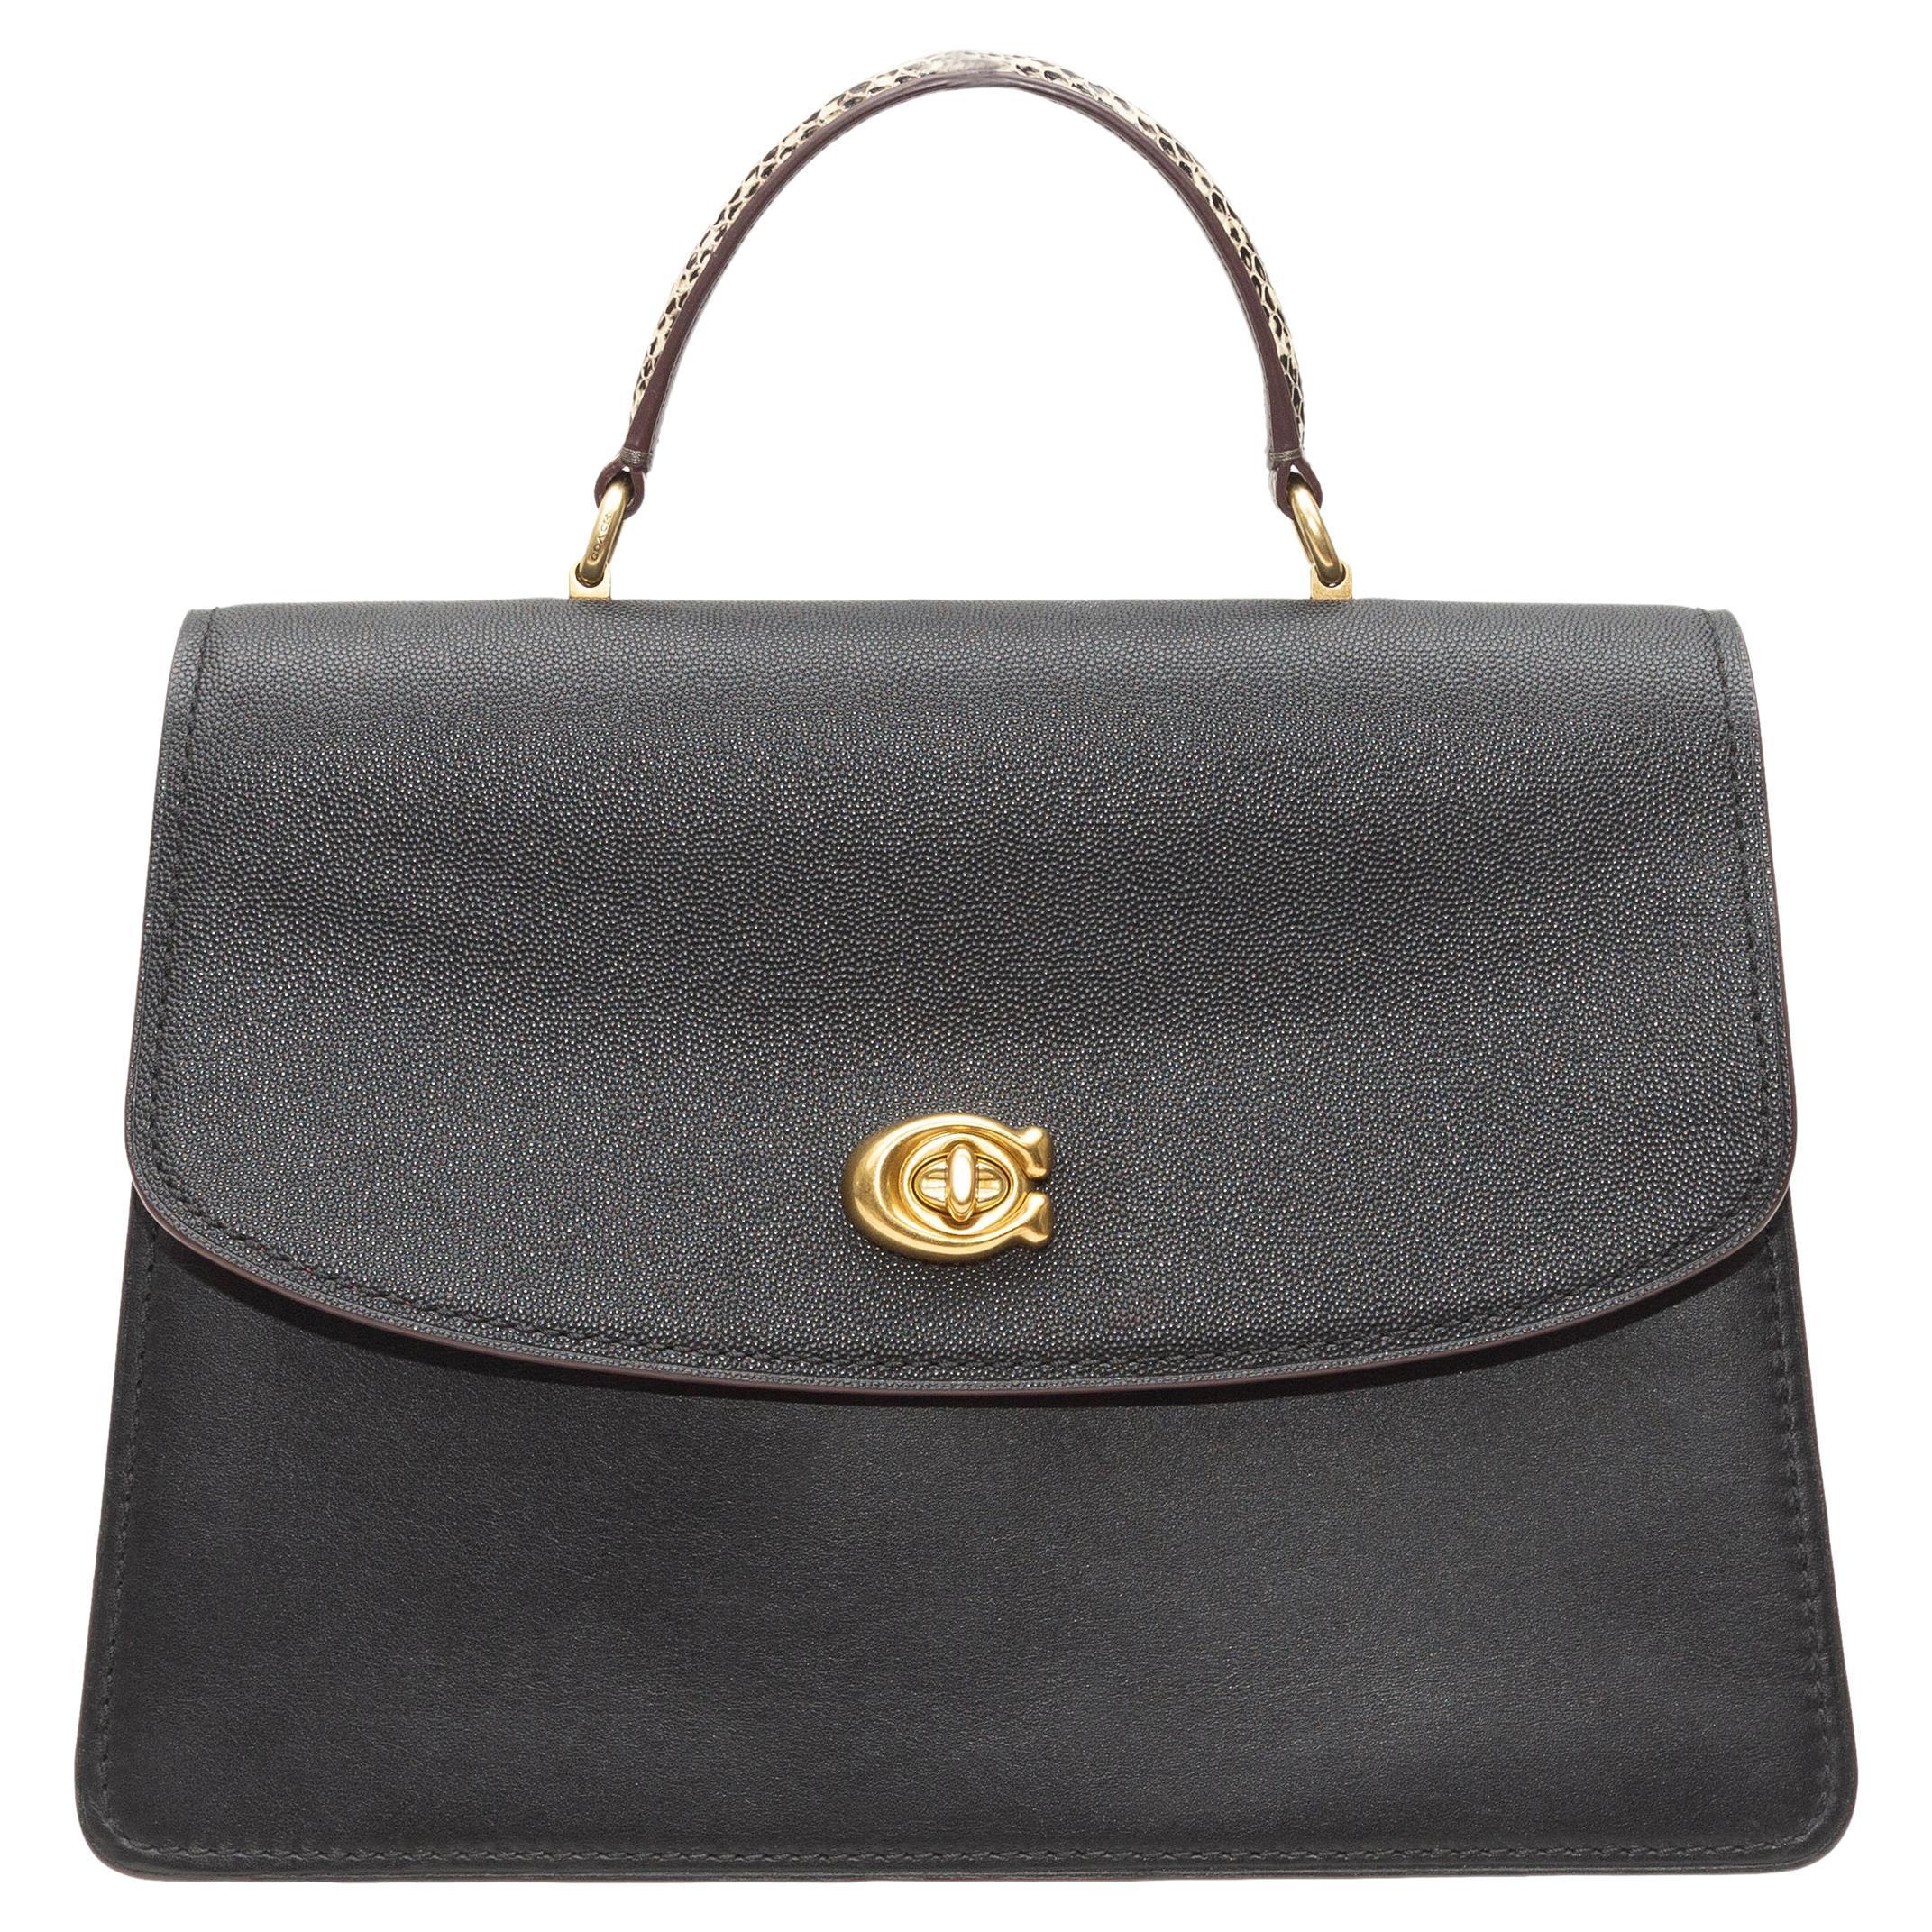 Coach Black Parker Leather & Snakeskin Bag